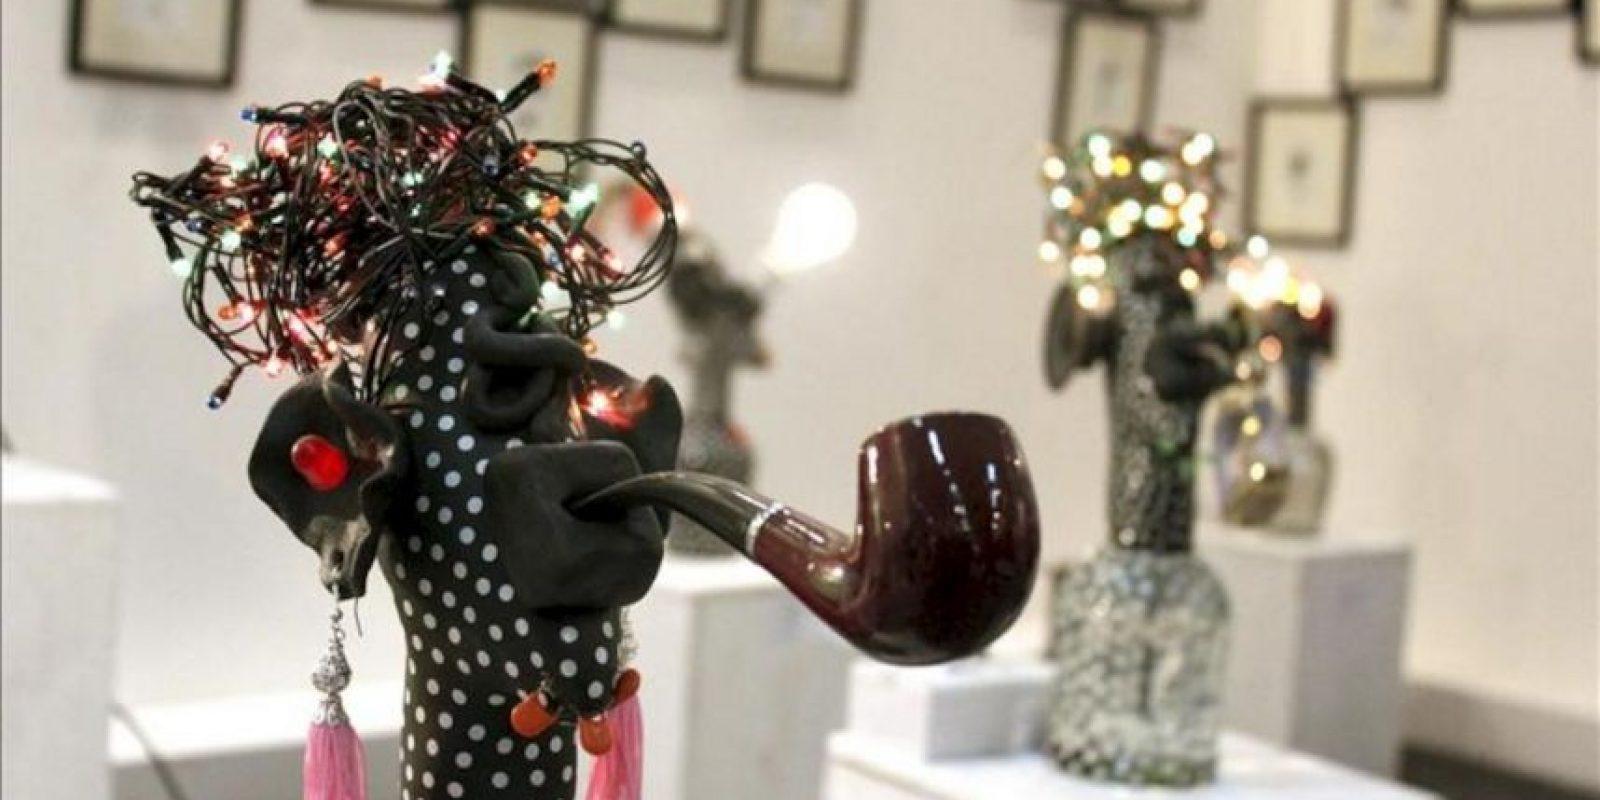 Esculturas tridimensionales a base de luz, vidrio, plástico o cerámica en la feria United Art Fair, la primera gran muestra india de arte independiente, que reúne en Nueva Delhi el trabajo cientos de jóvenes artistas de toda la India. EFE